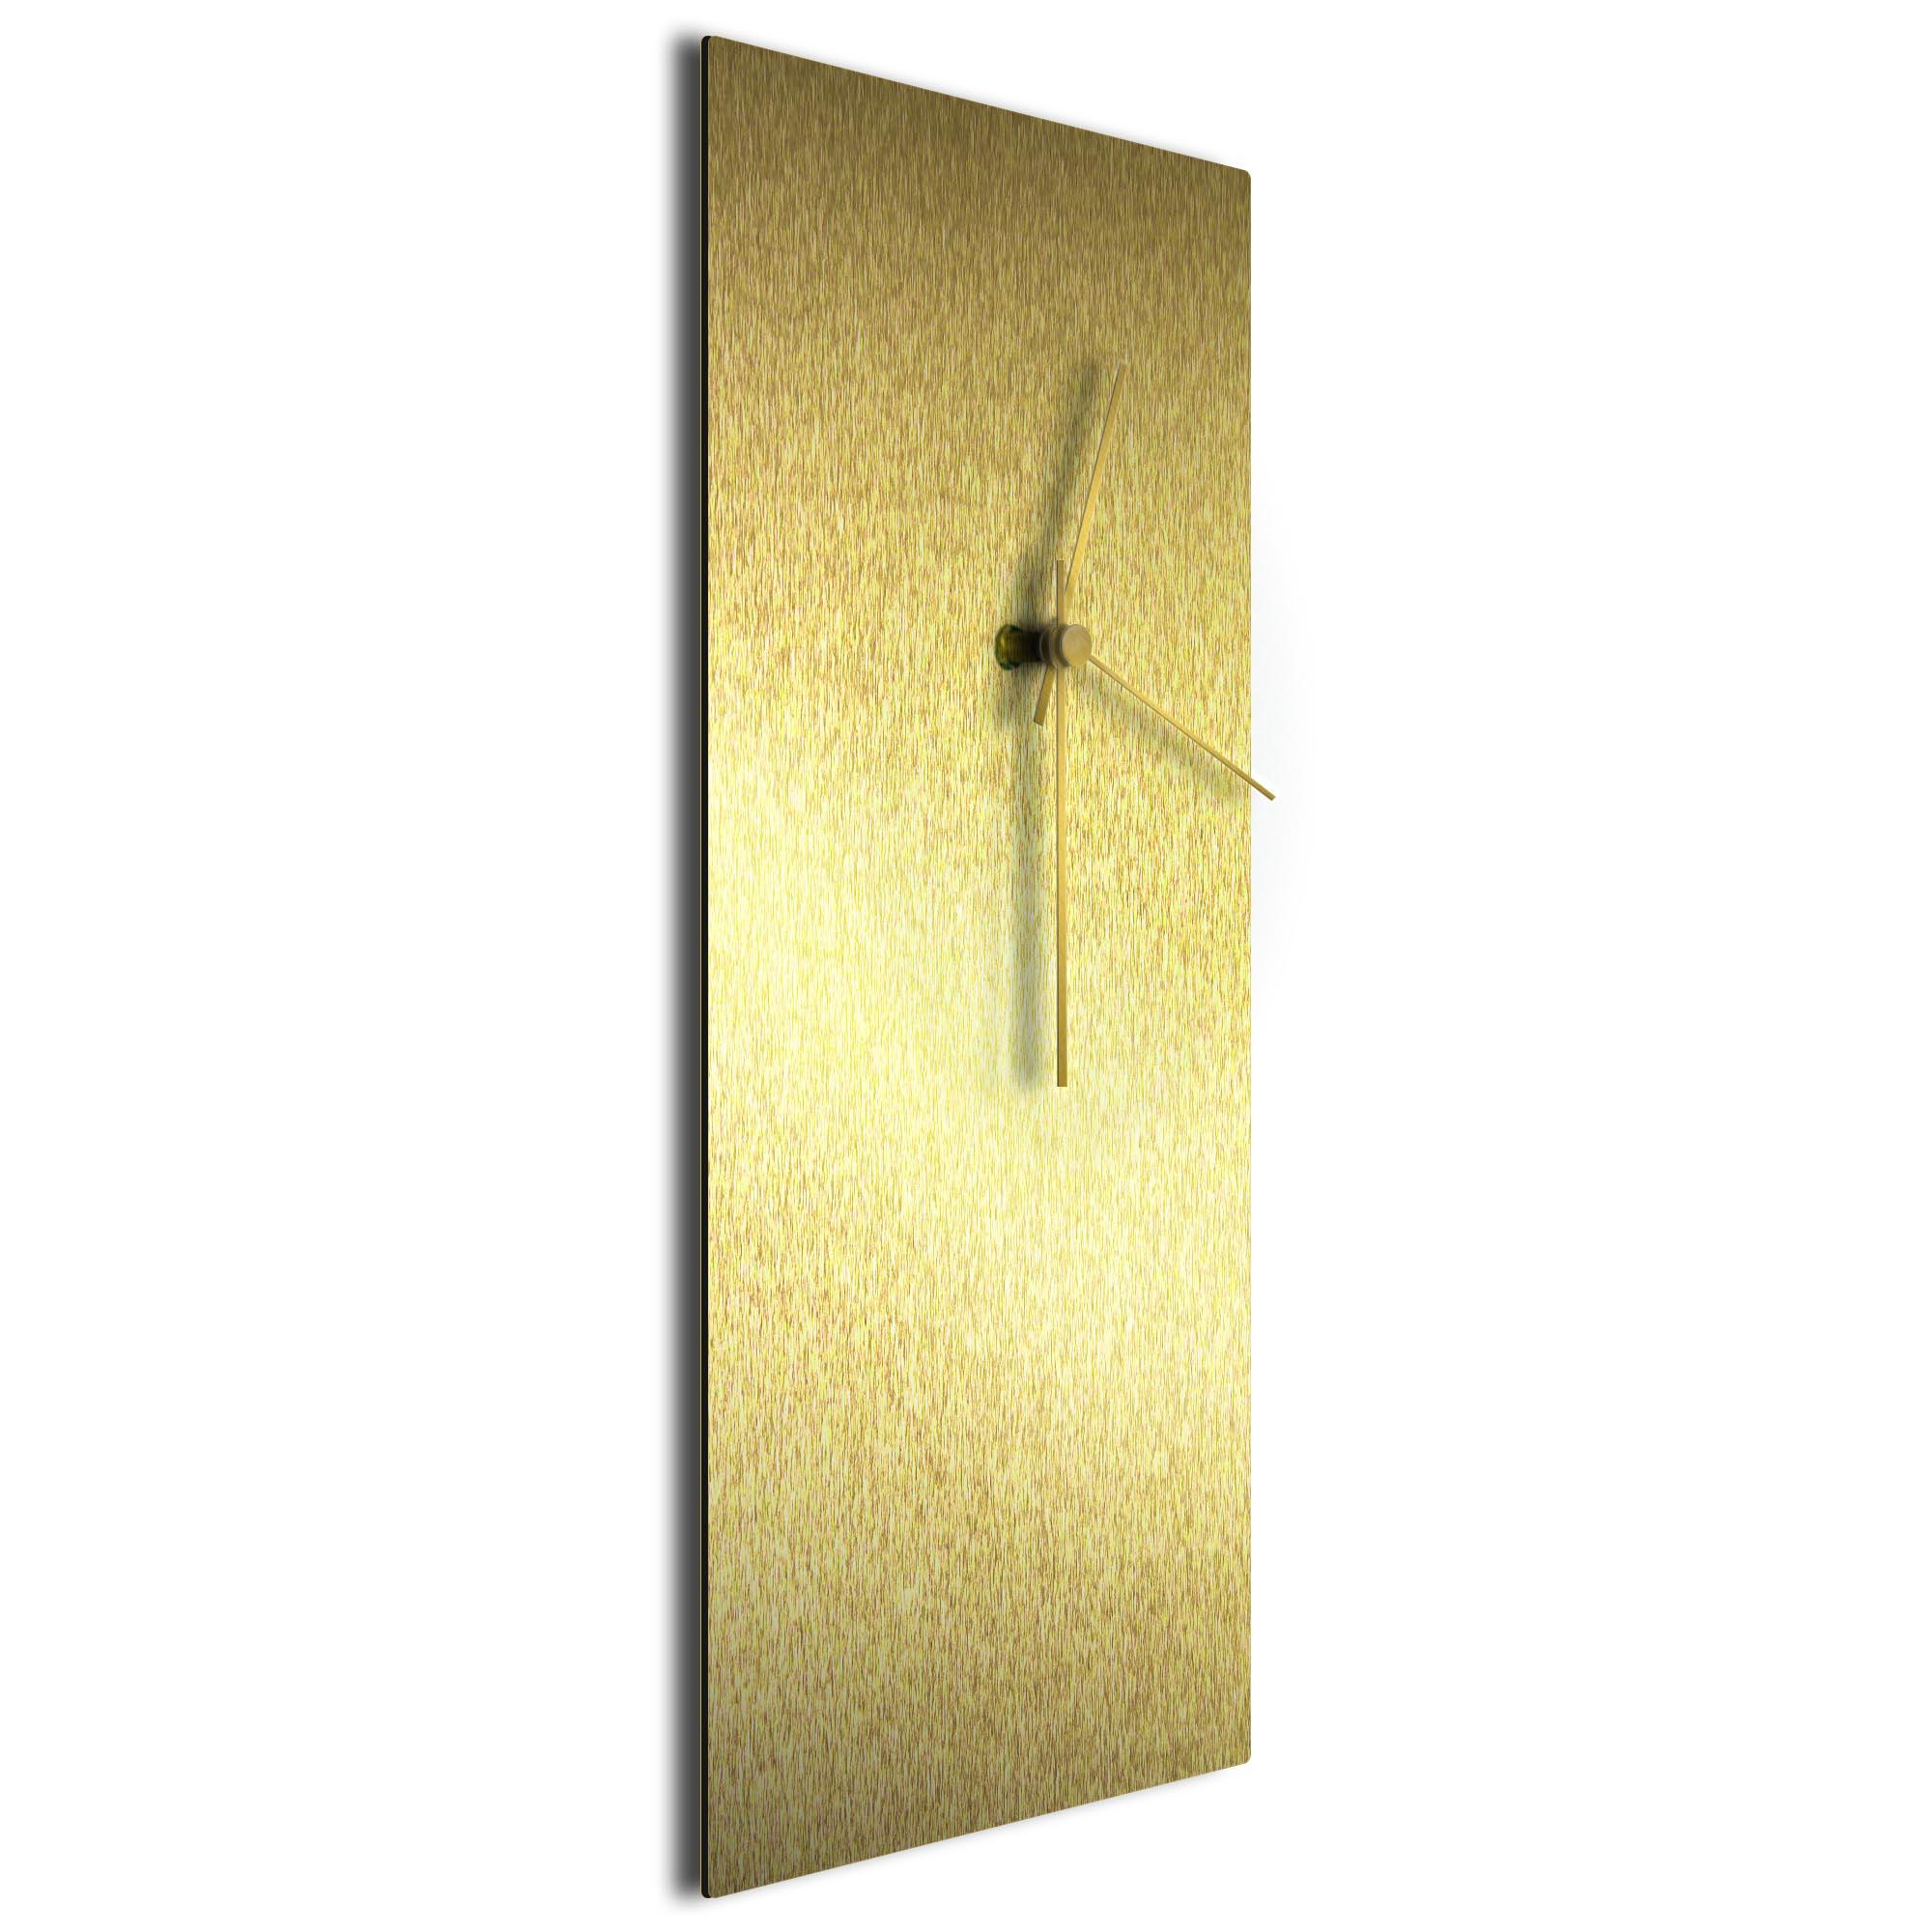 Goldsmith Clock Large Gold - Image 2